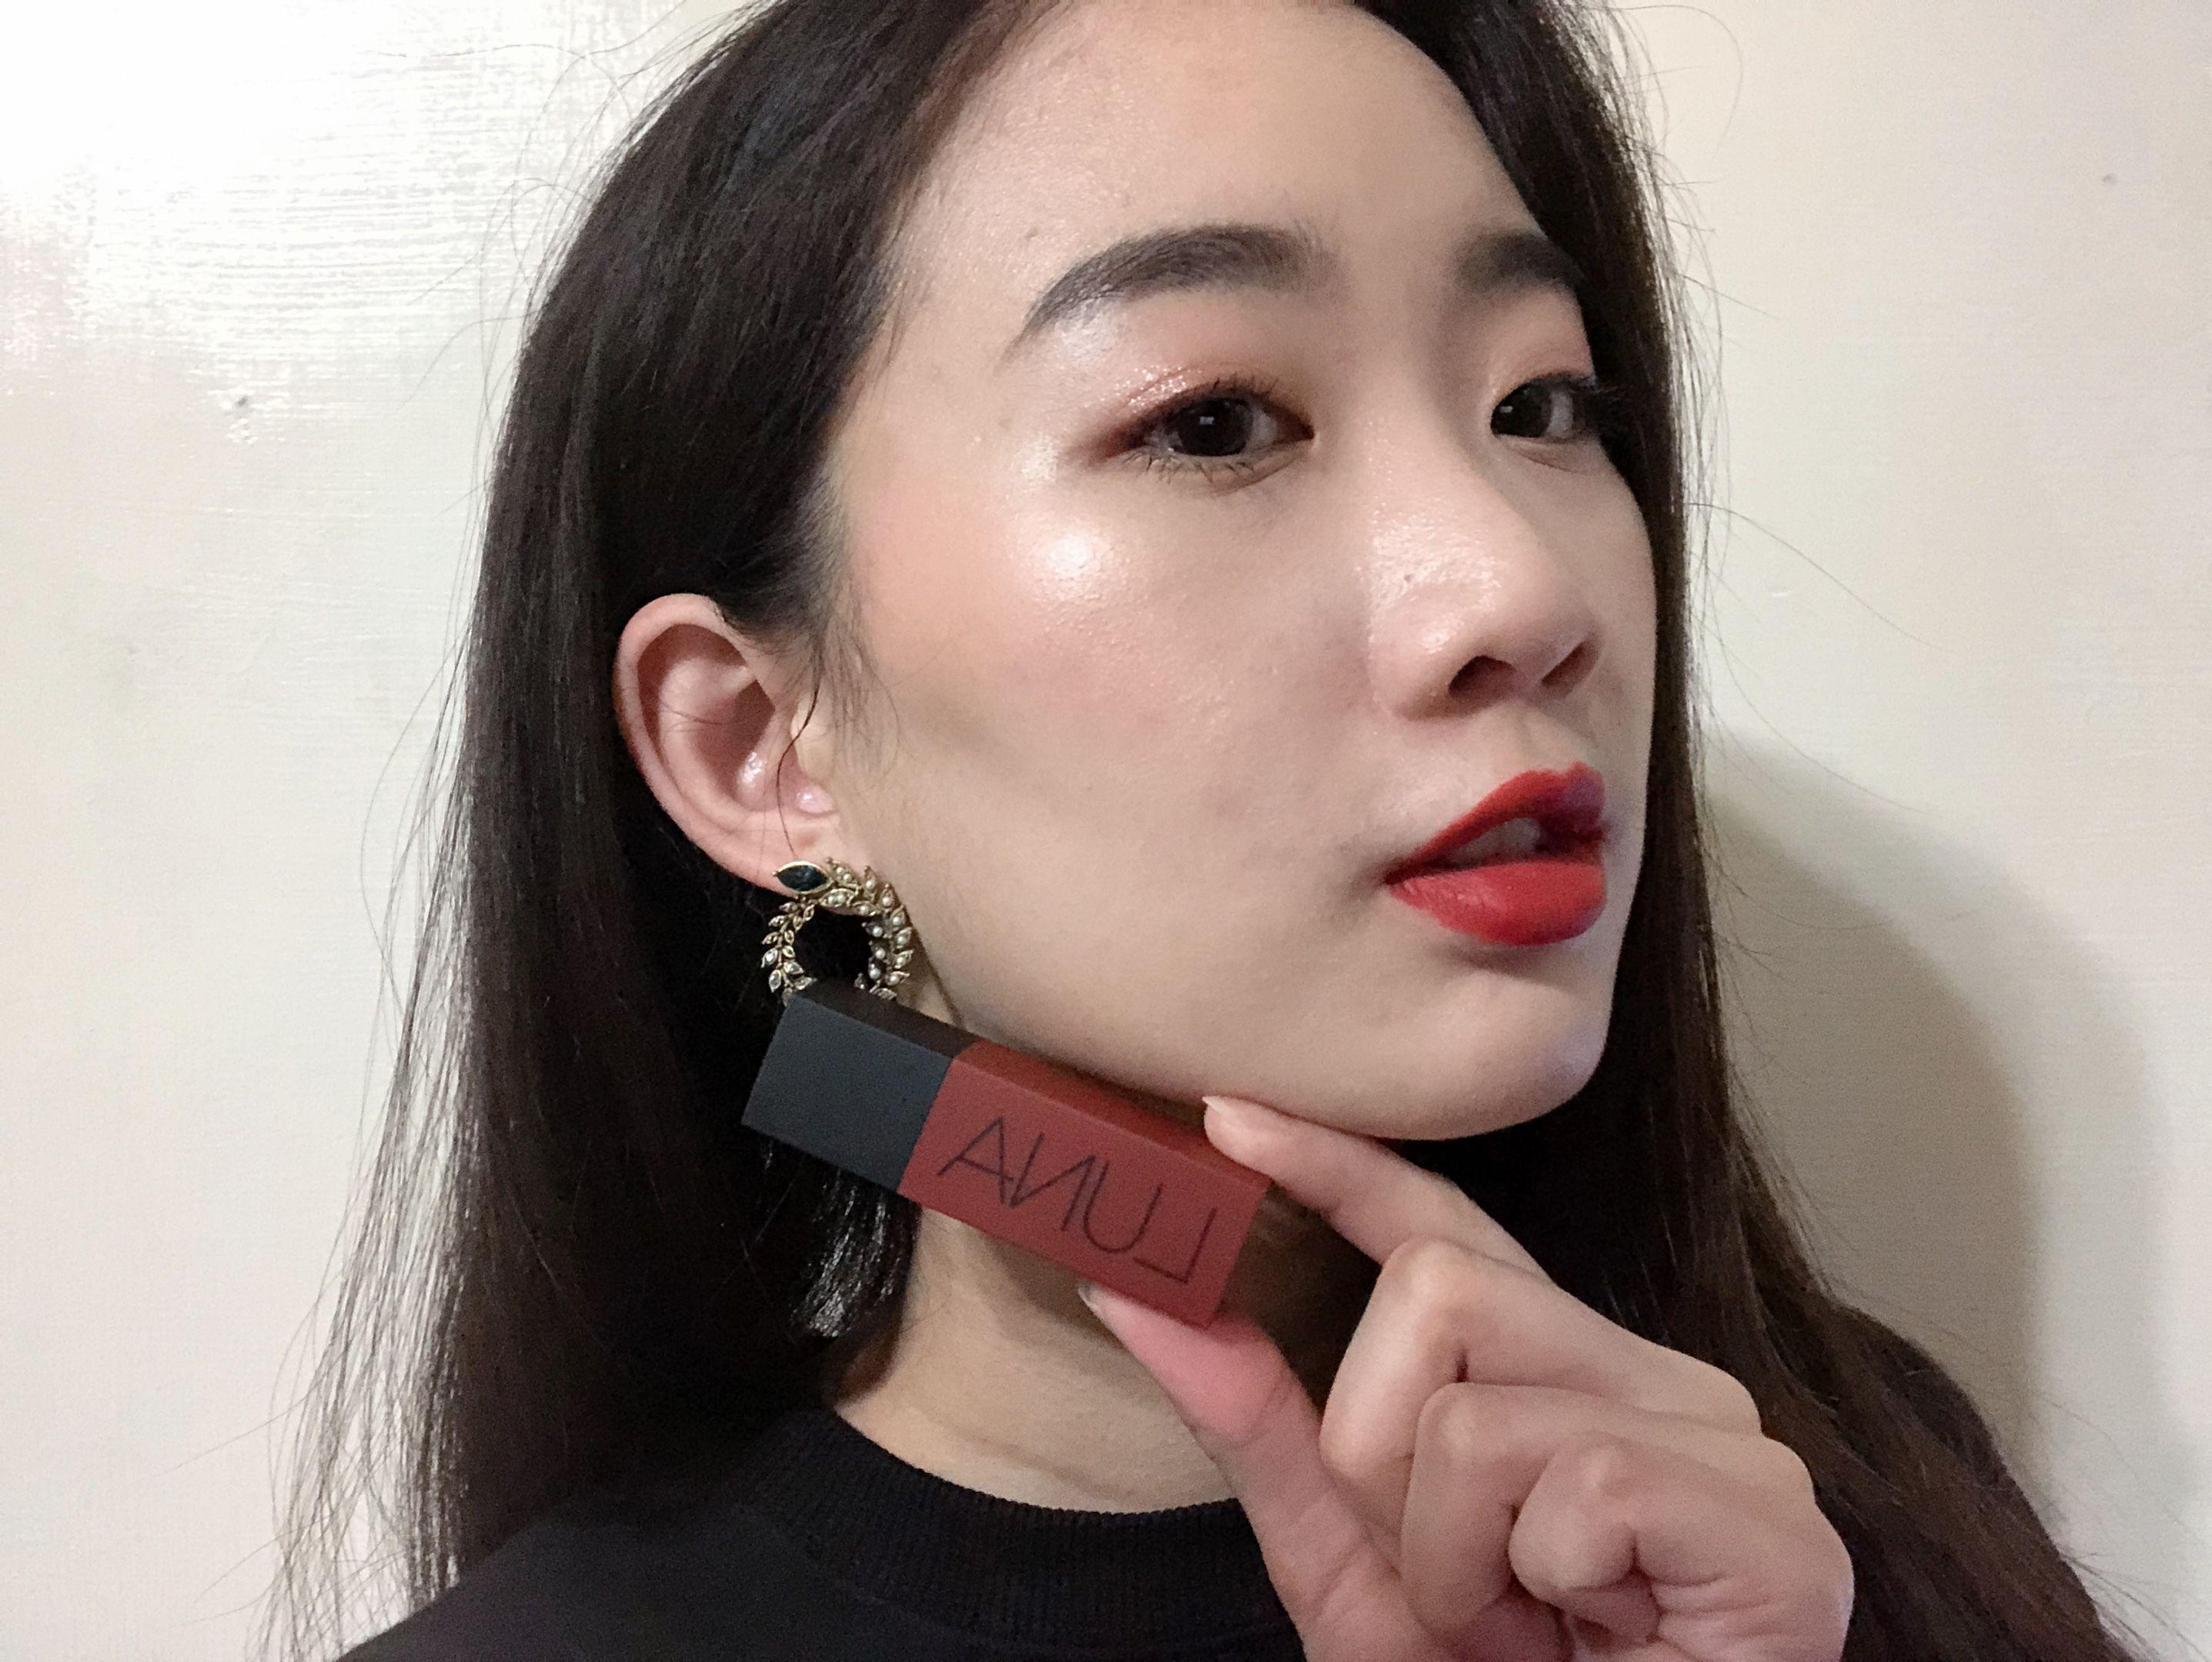 LUNA 韓國超模彩妝 使用